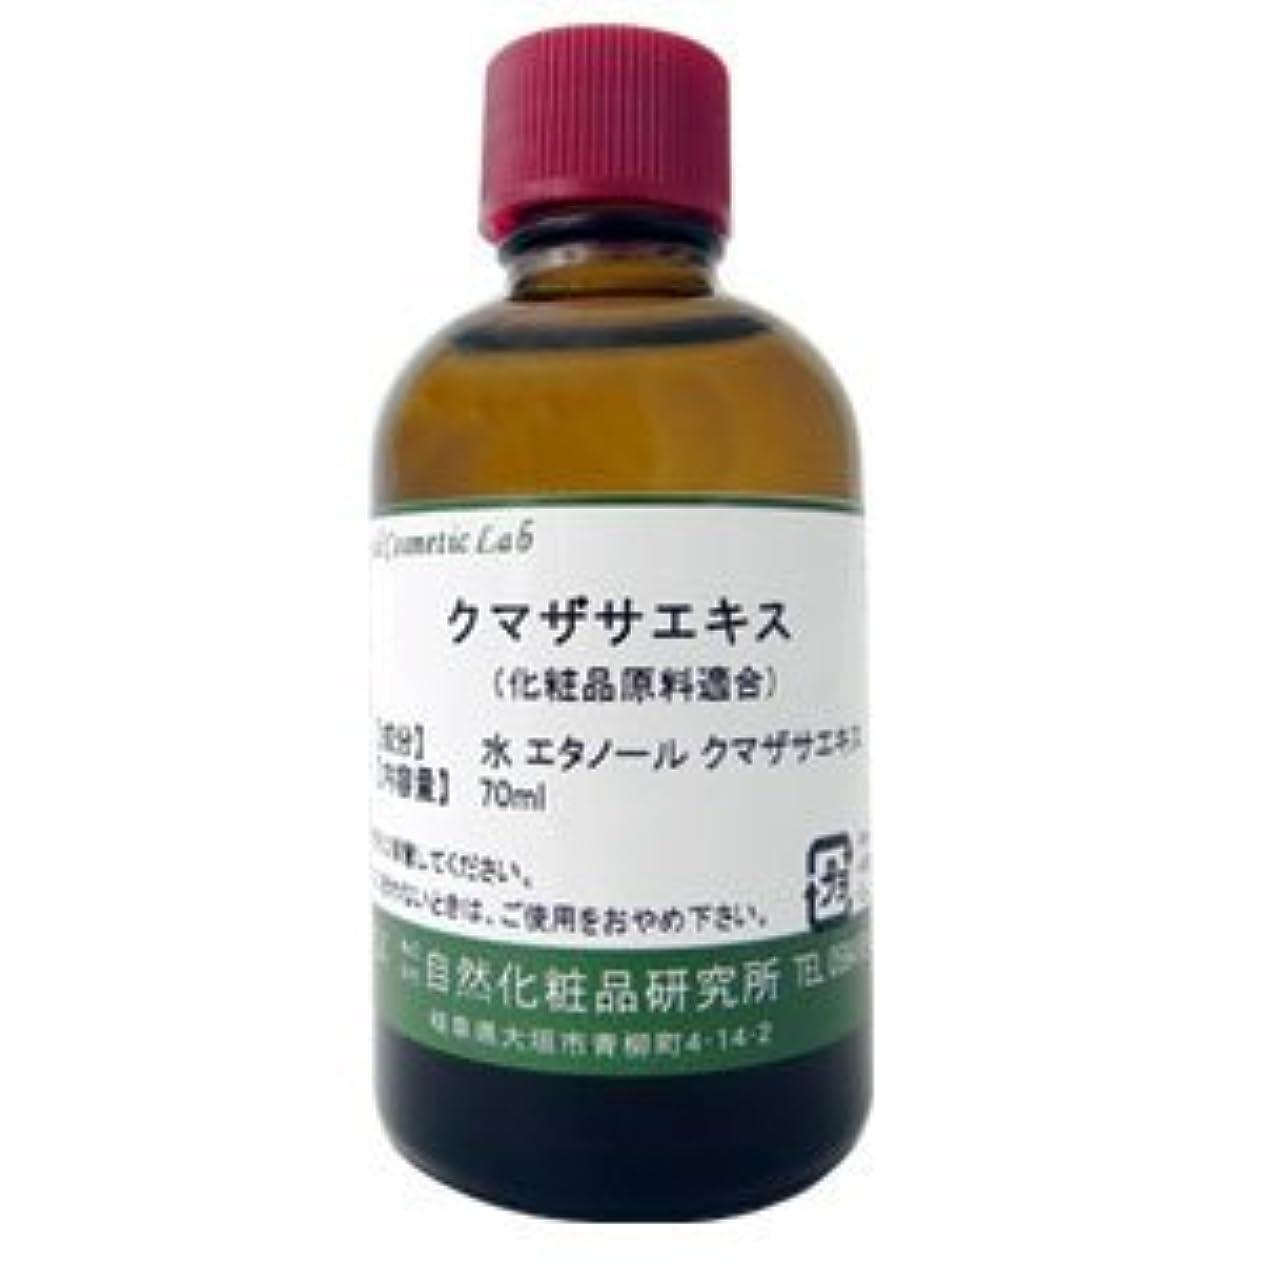 火曜日ポーンマーチャンダイザークマザサエキス 70ml 【手作り化粧品原料】